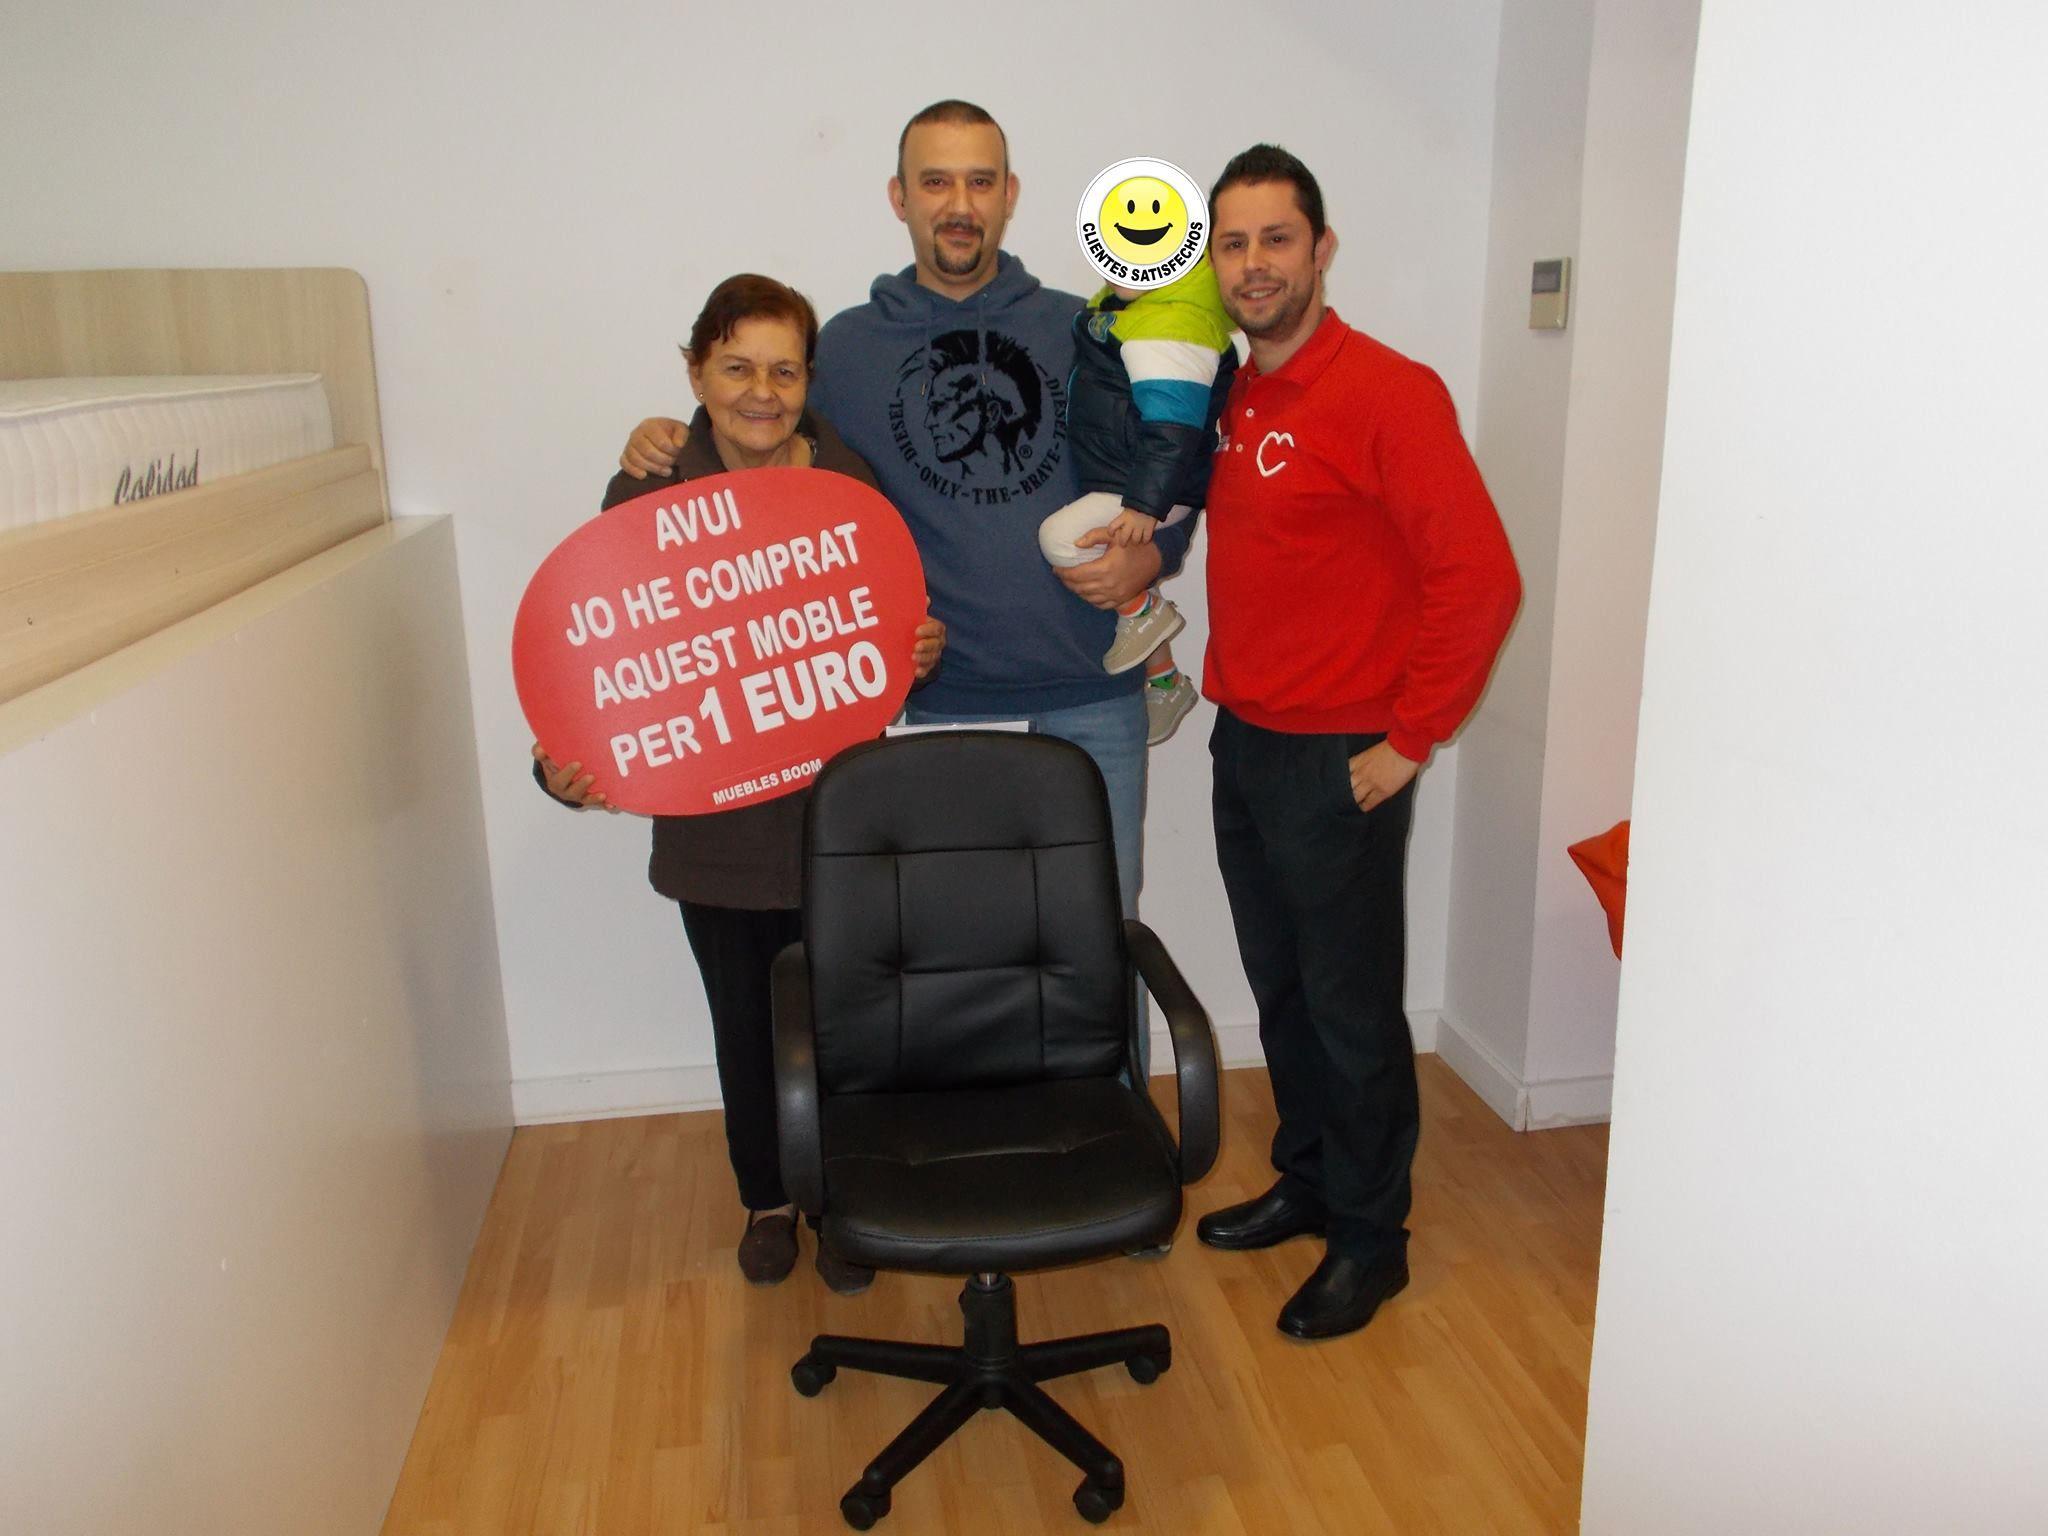 El pasado viernes miriam j y mauro p se compraron por solo 1 euro esta silla de - Muebles boom 1 euro ...